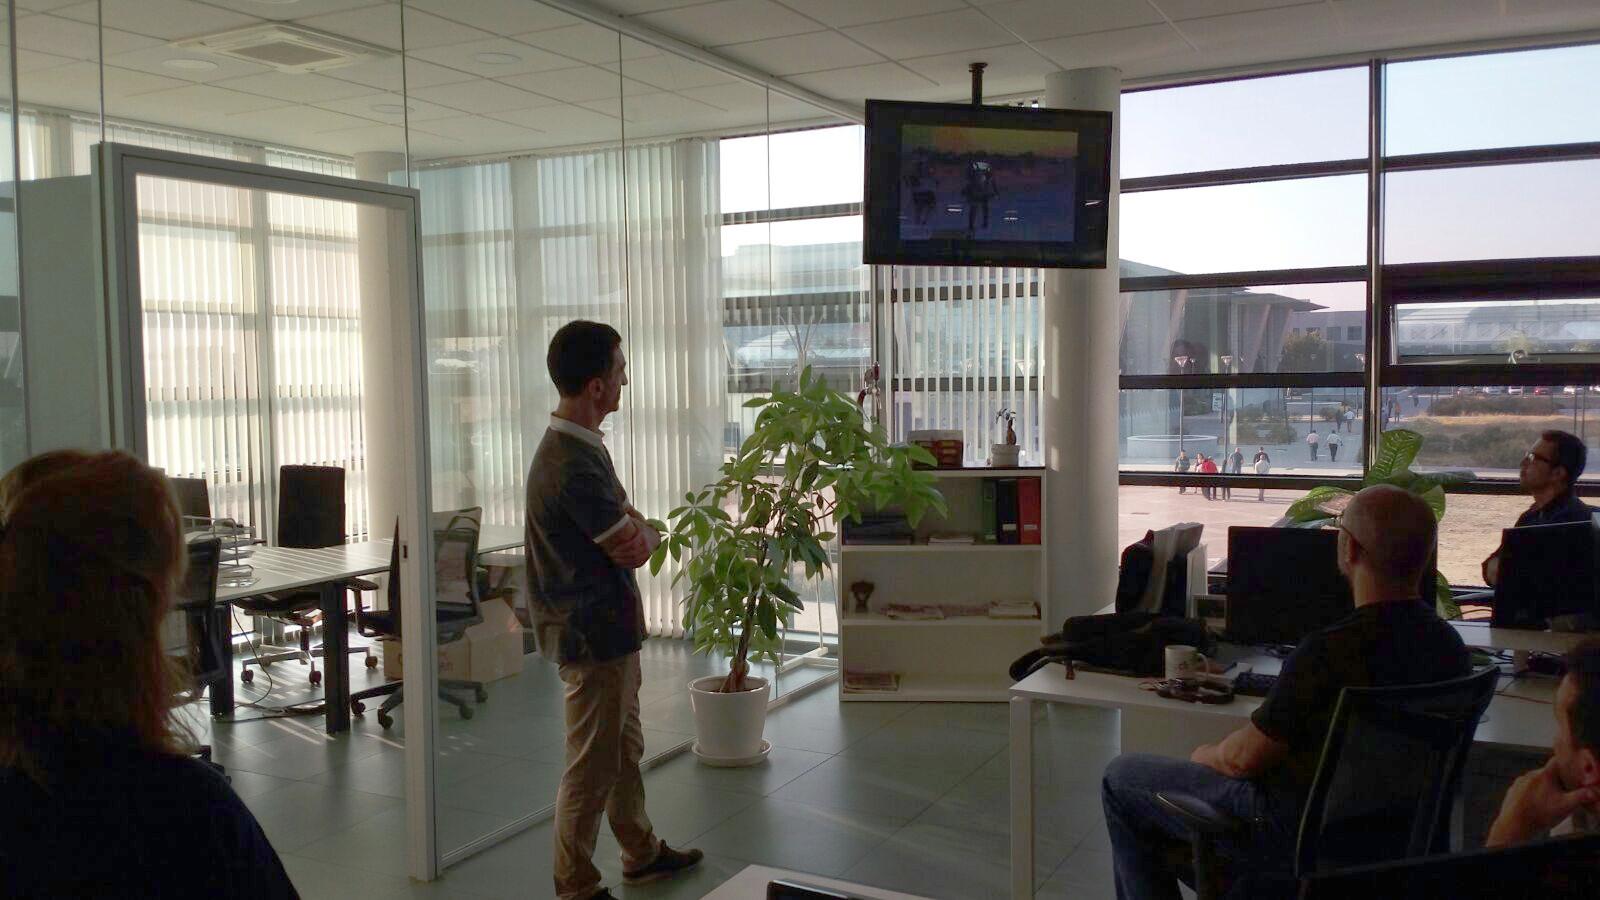 Manuel Soto visita qosITconsulting